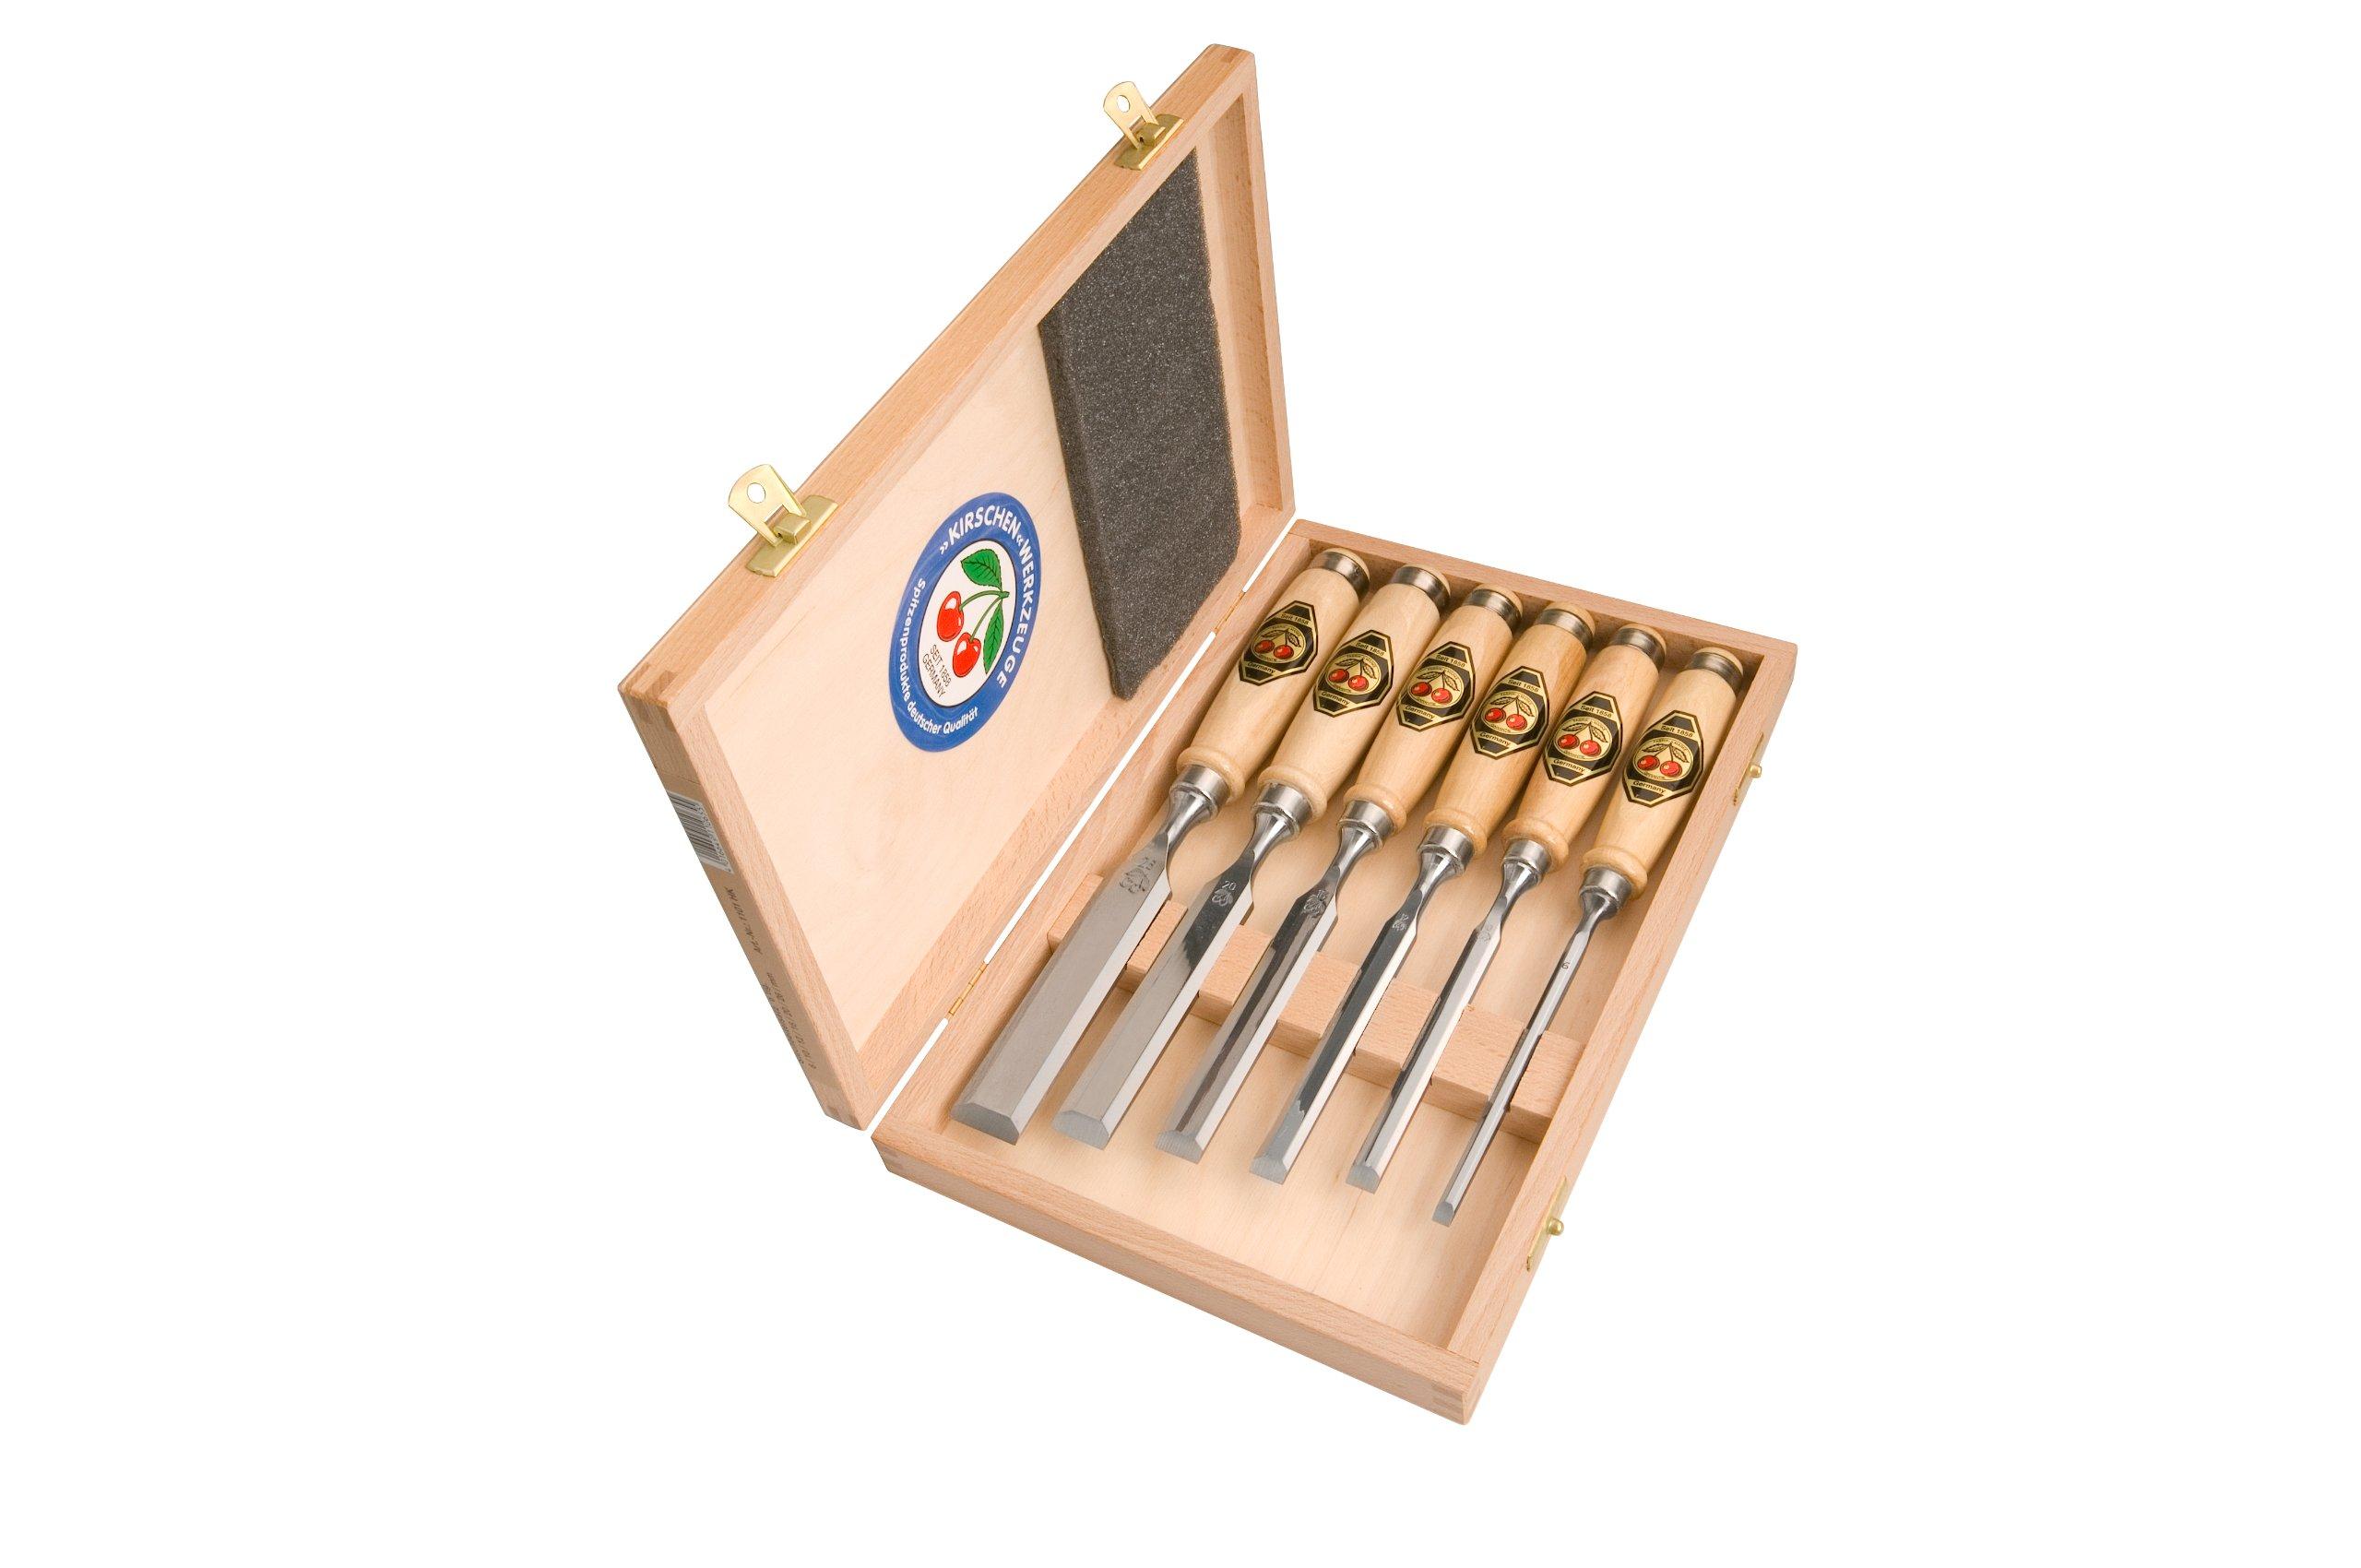 Kirschen 1101000 6-Piece Chisel Set in Wood Box by Kirschen